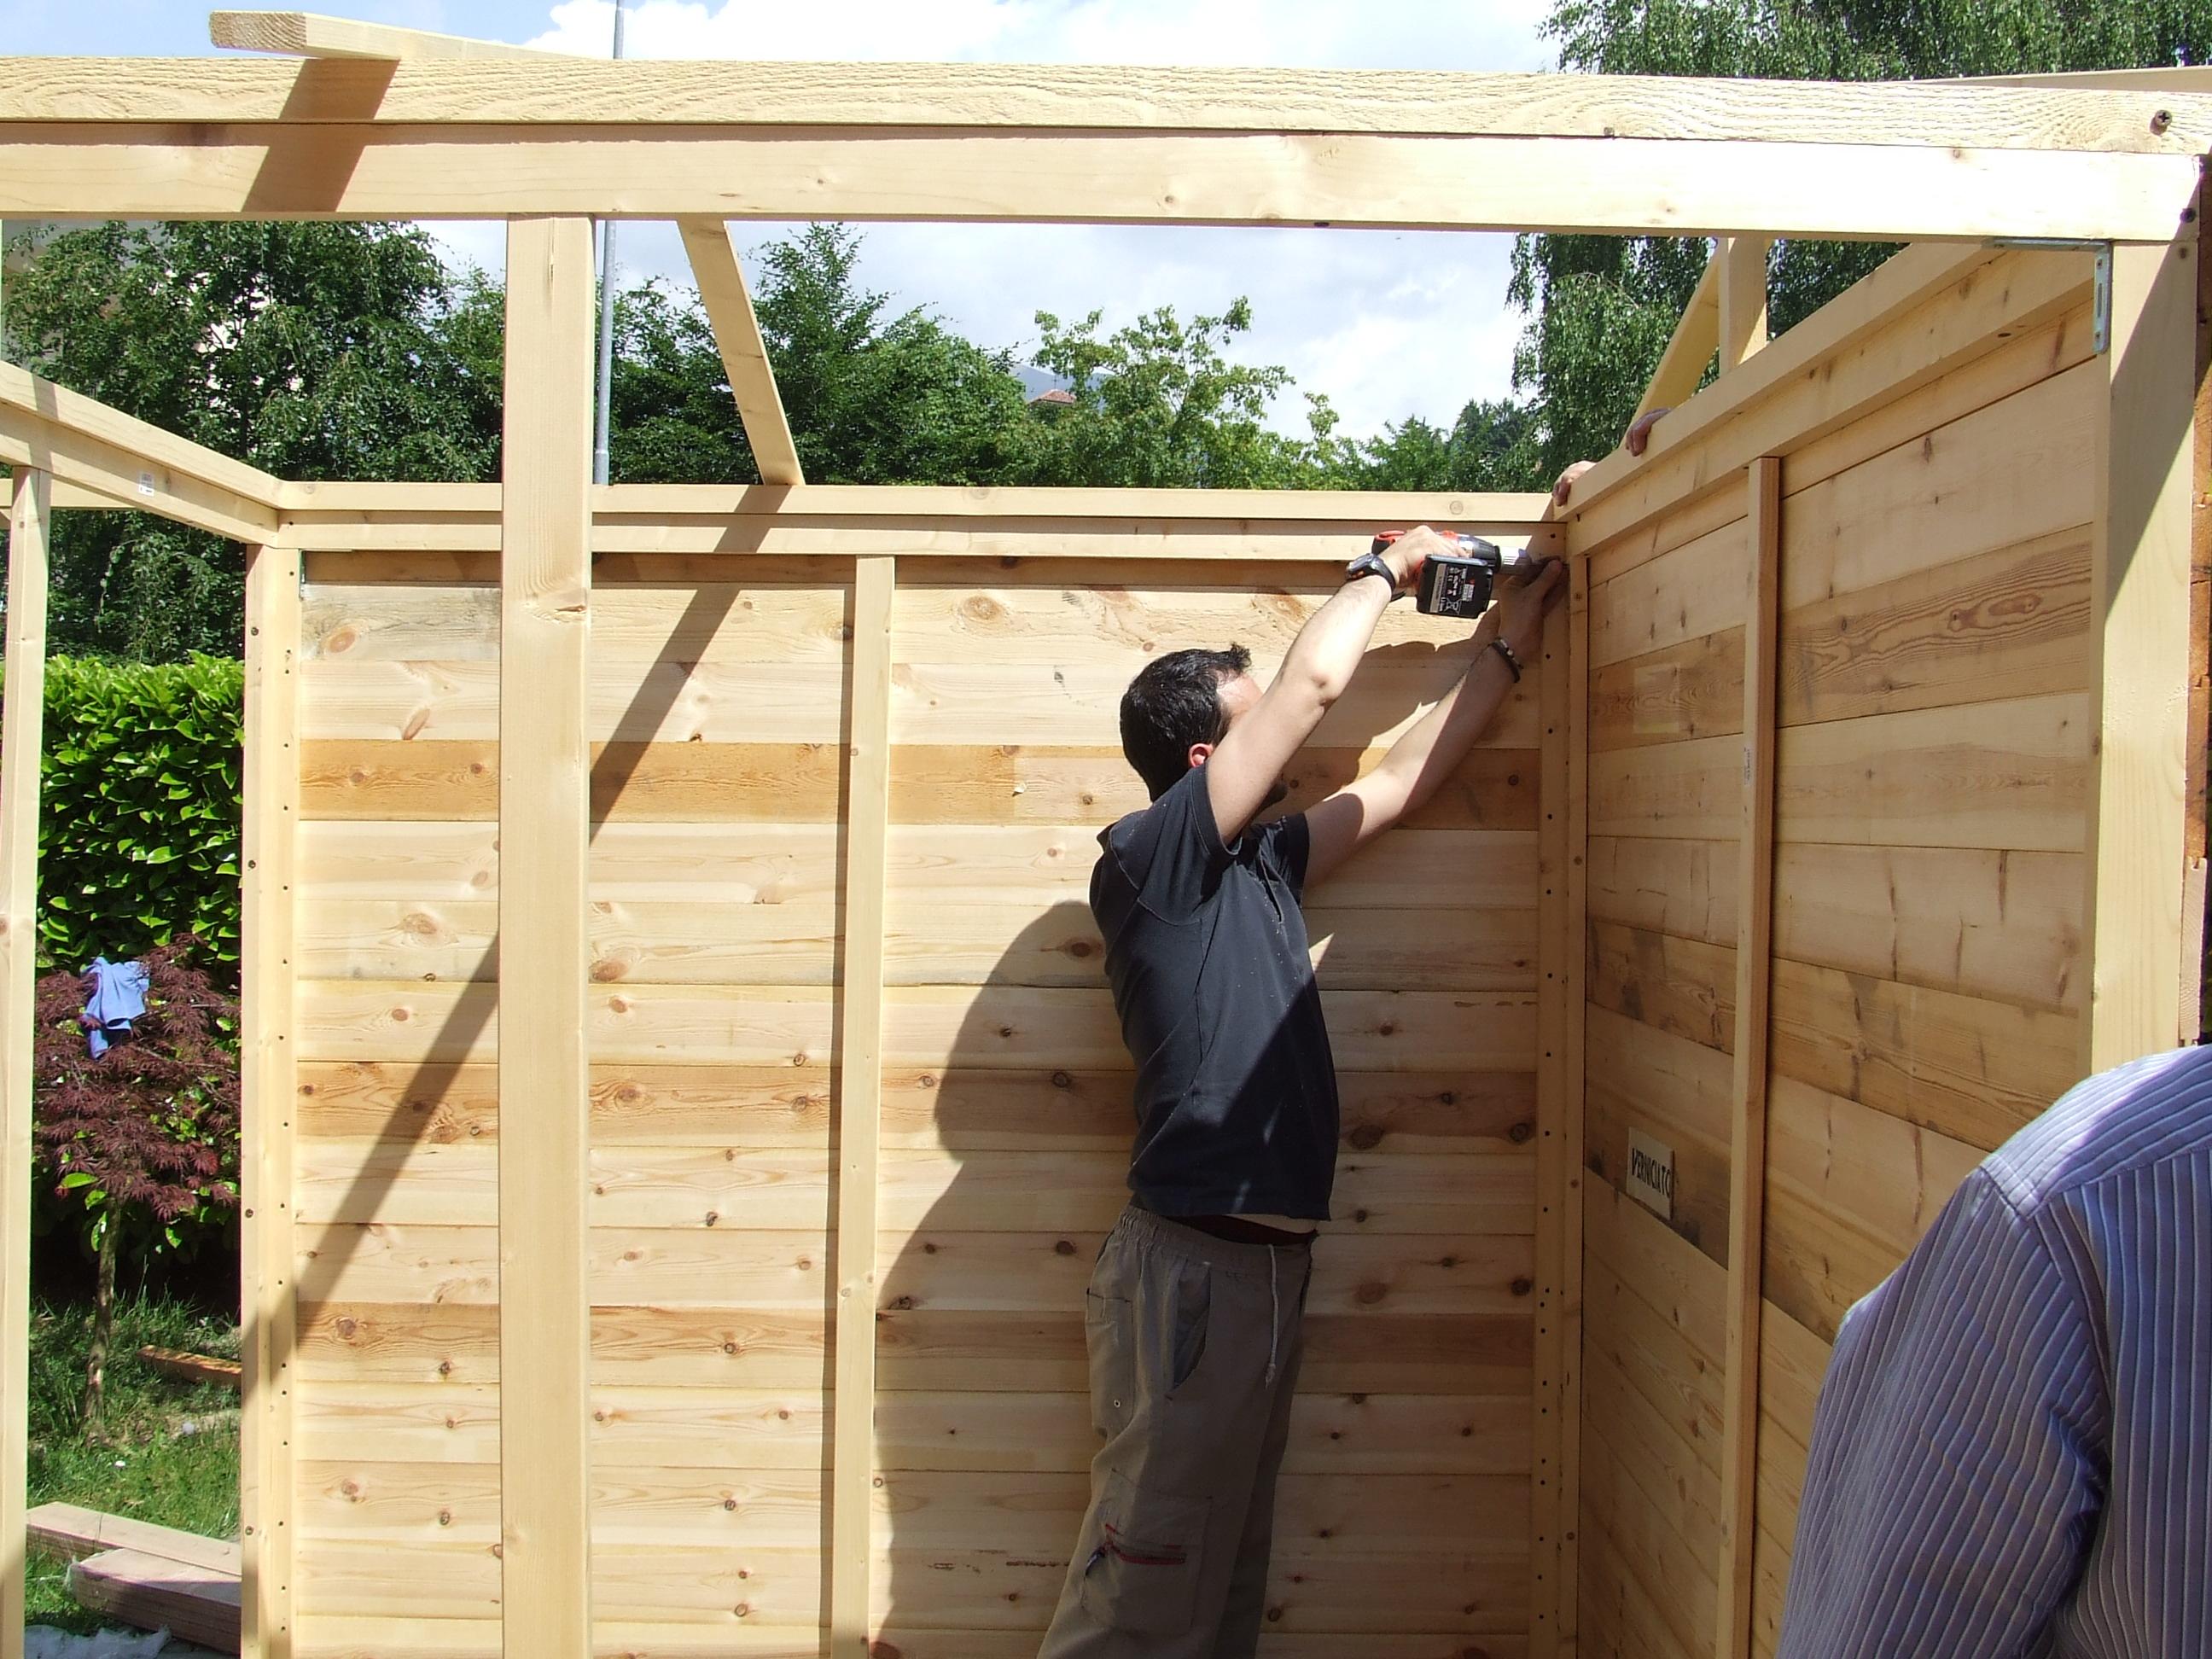 Casetta porta attrezzi in legno fai da te fardasefapertre for Casa barbie fai da te legno